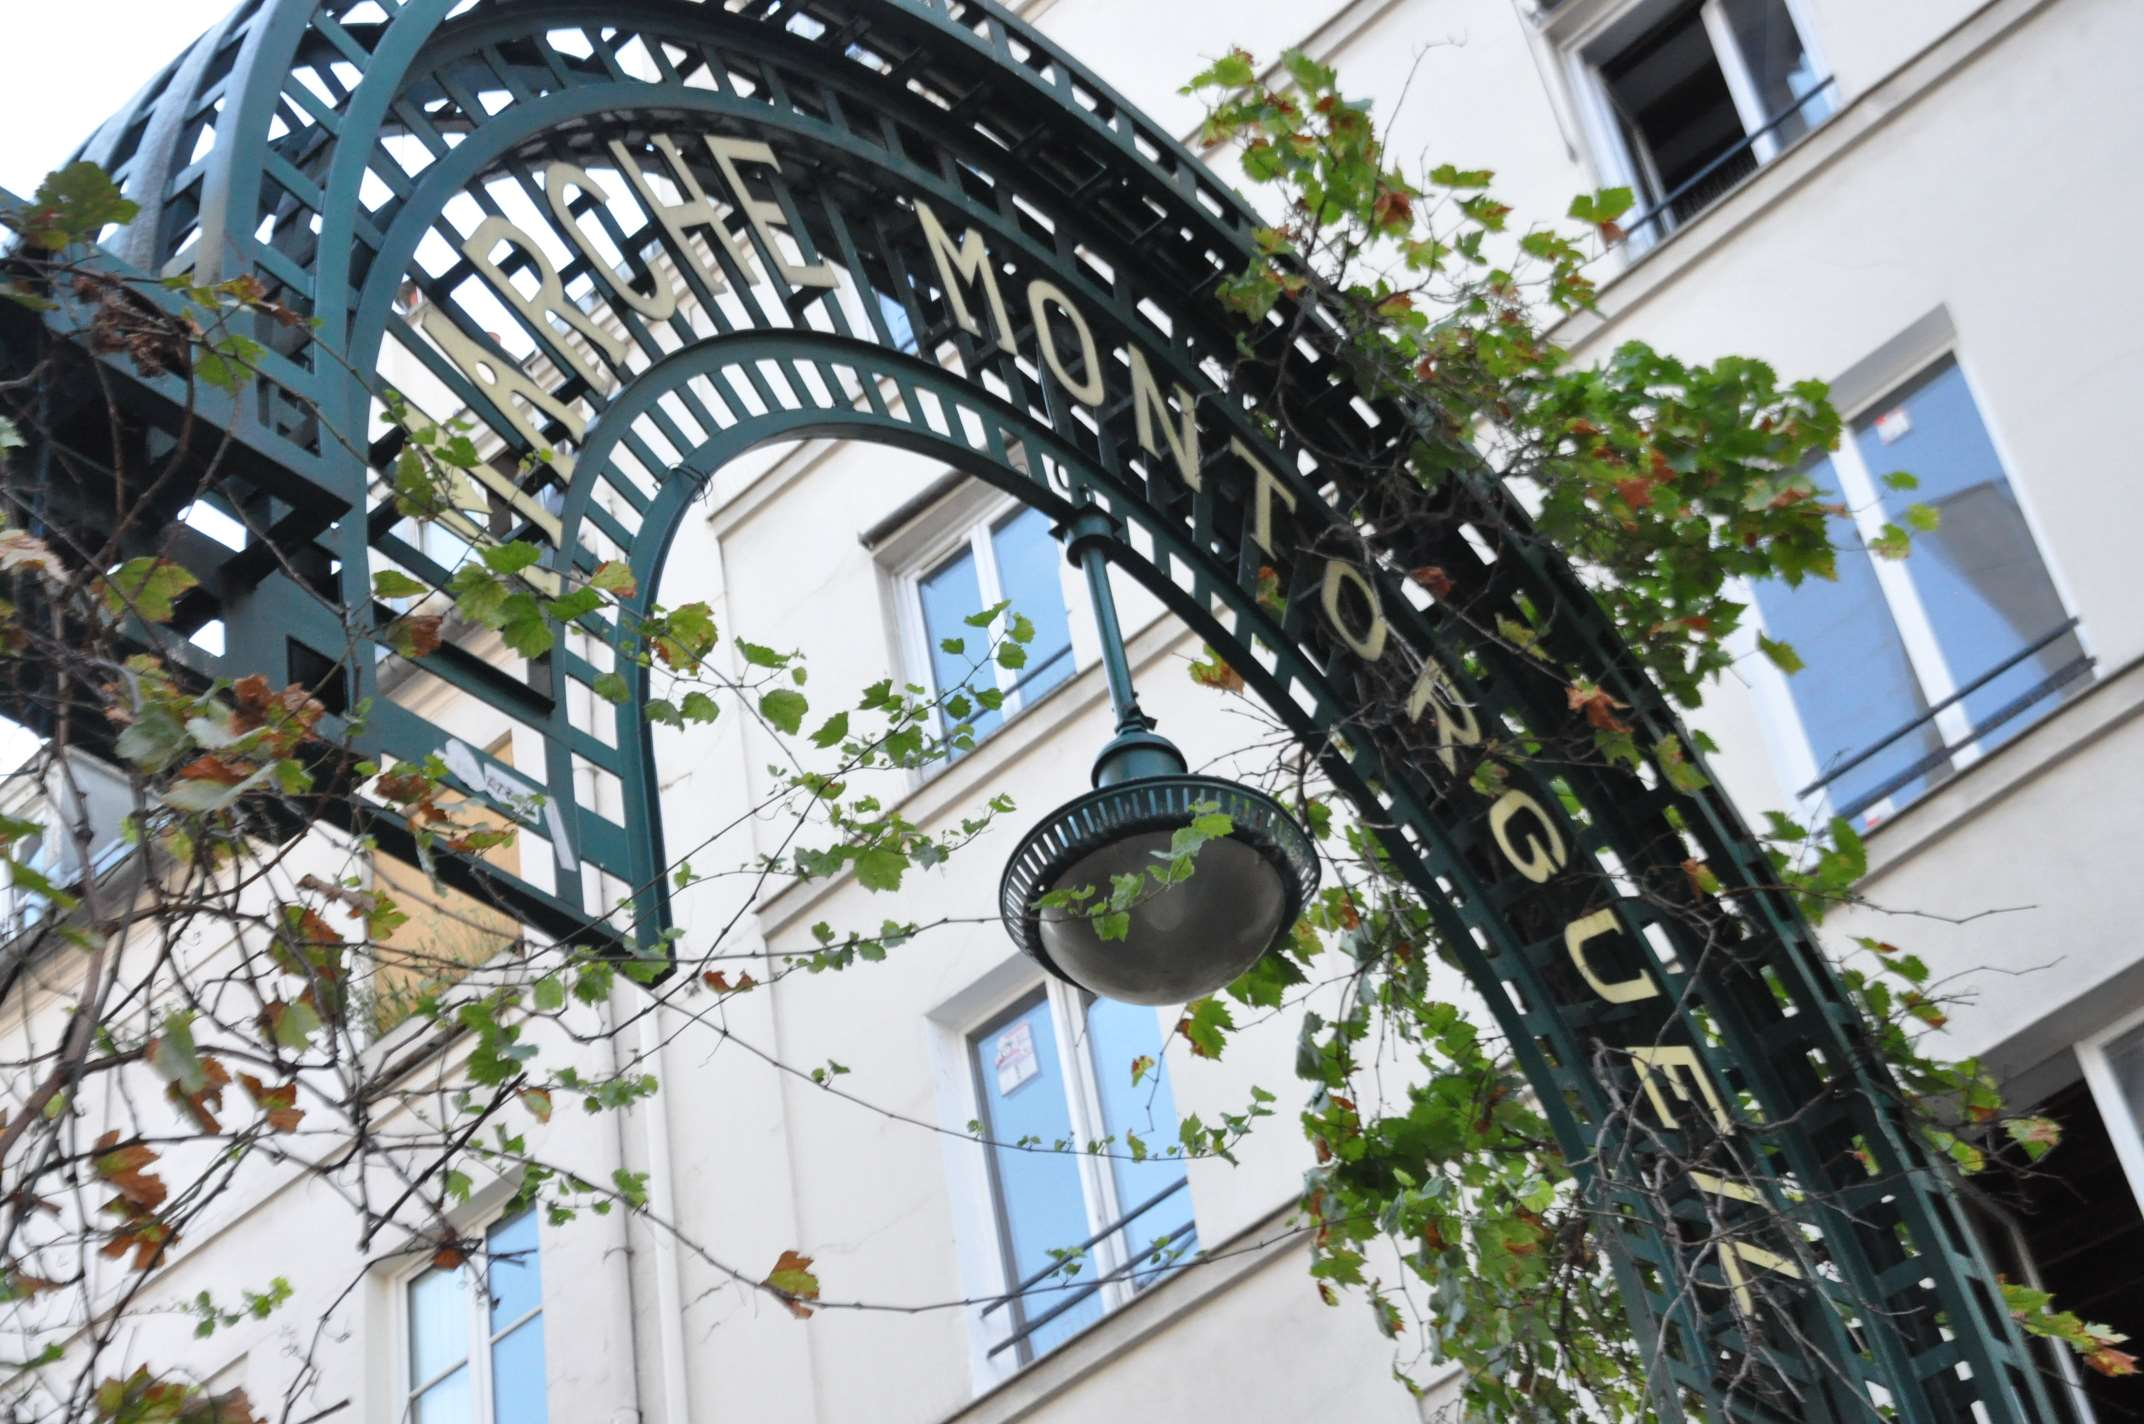 Photo Lieu Montorgueil